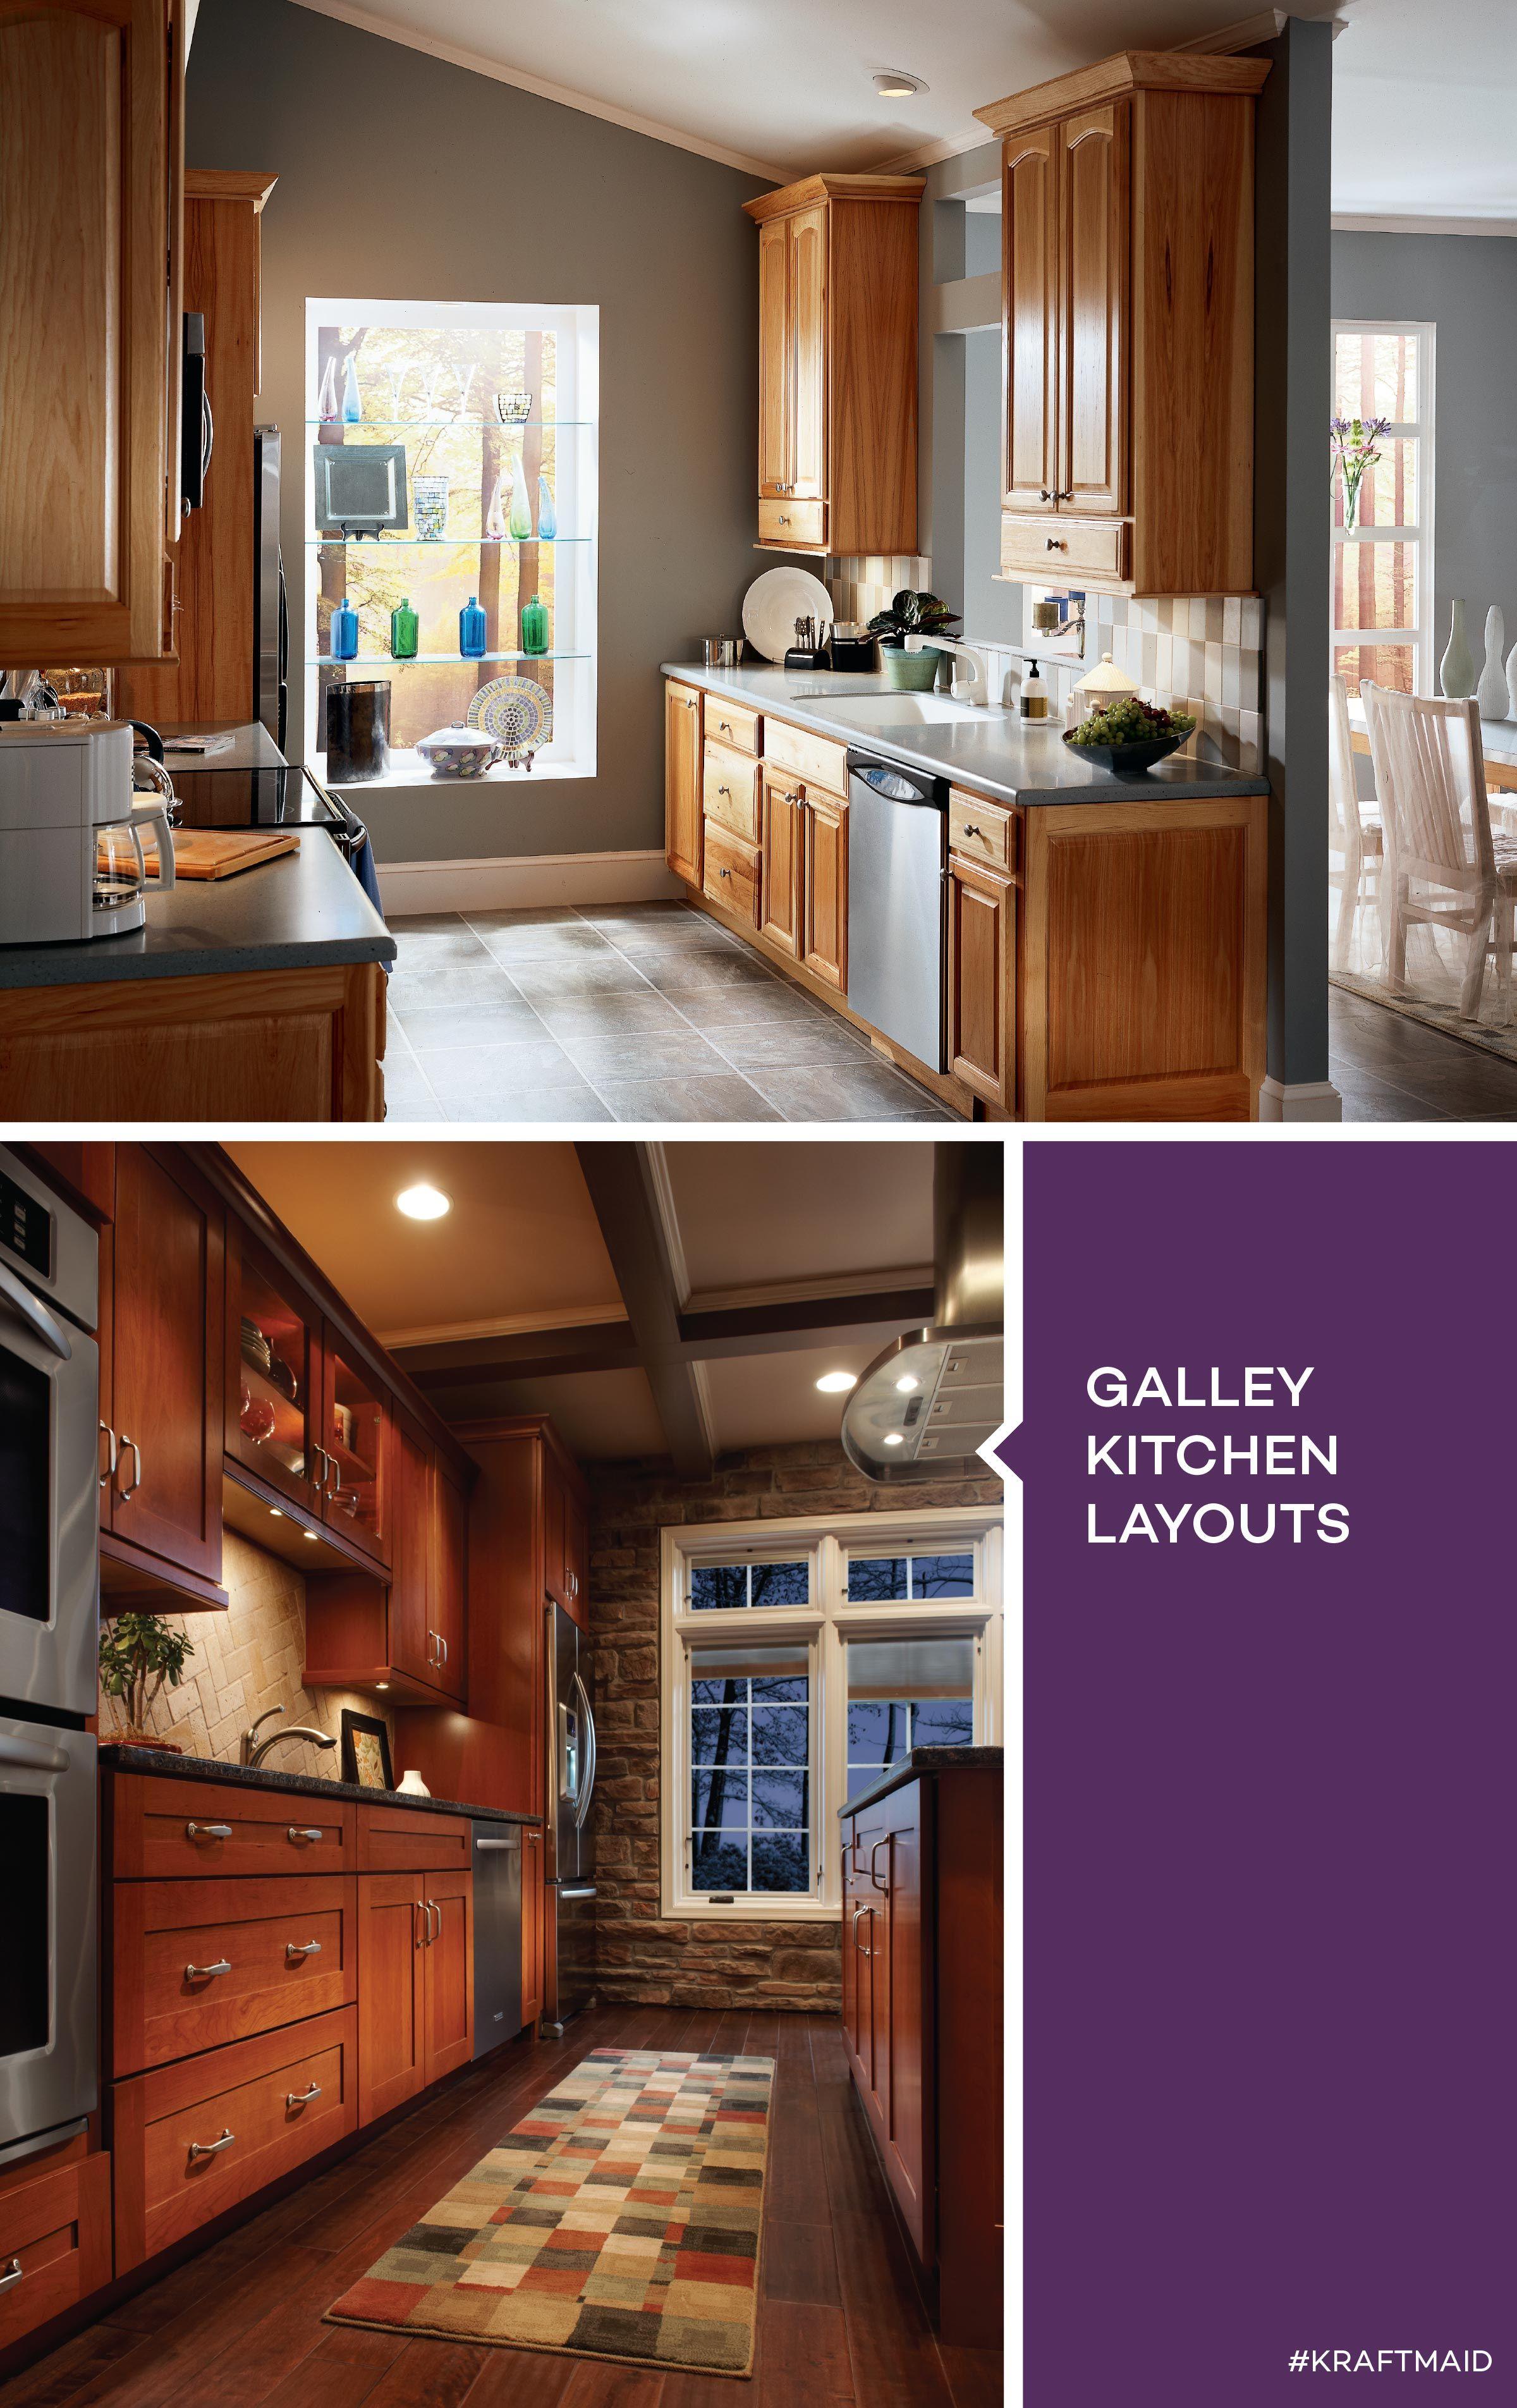 5 most popular kitchen layouts galley kitchen layout popular kitchens kitchen layout on g kitchen layout design id=25843